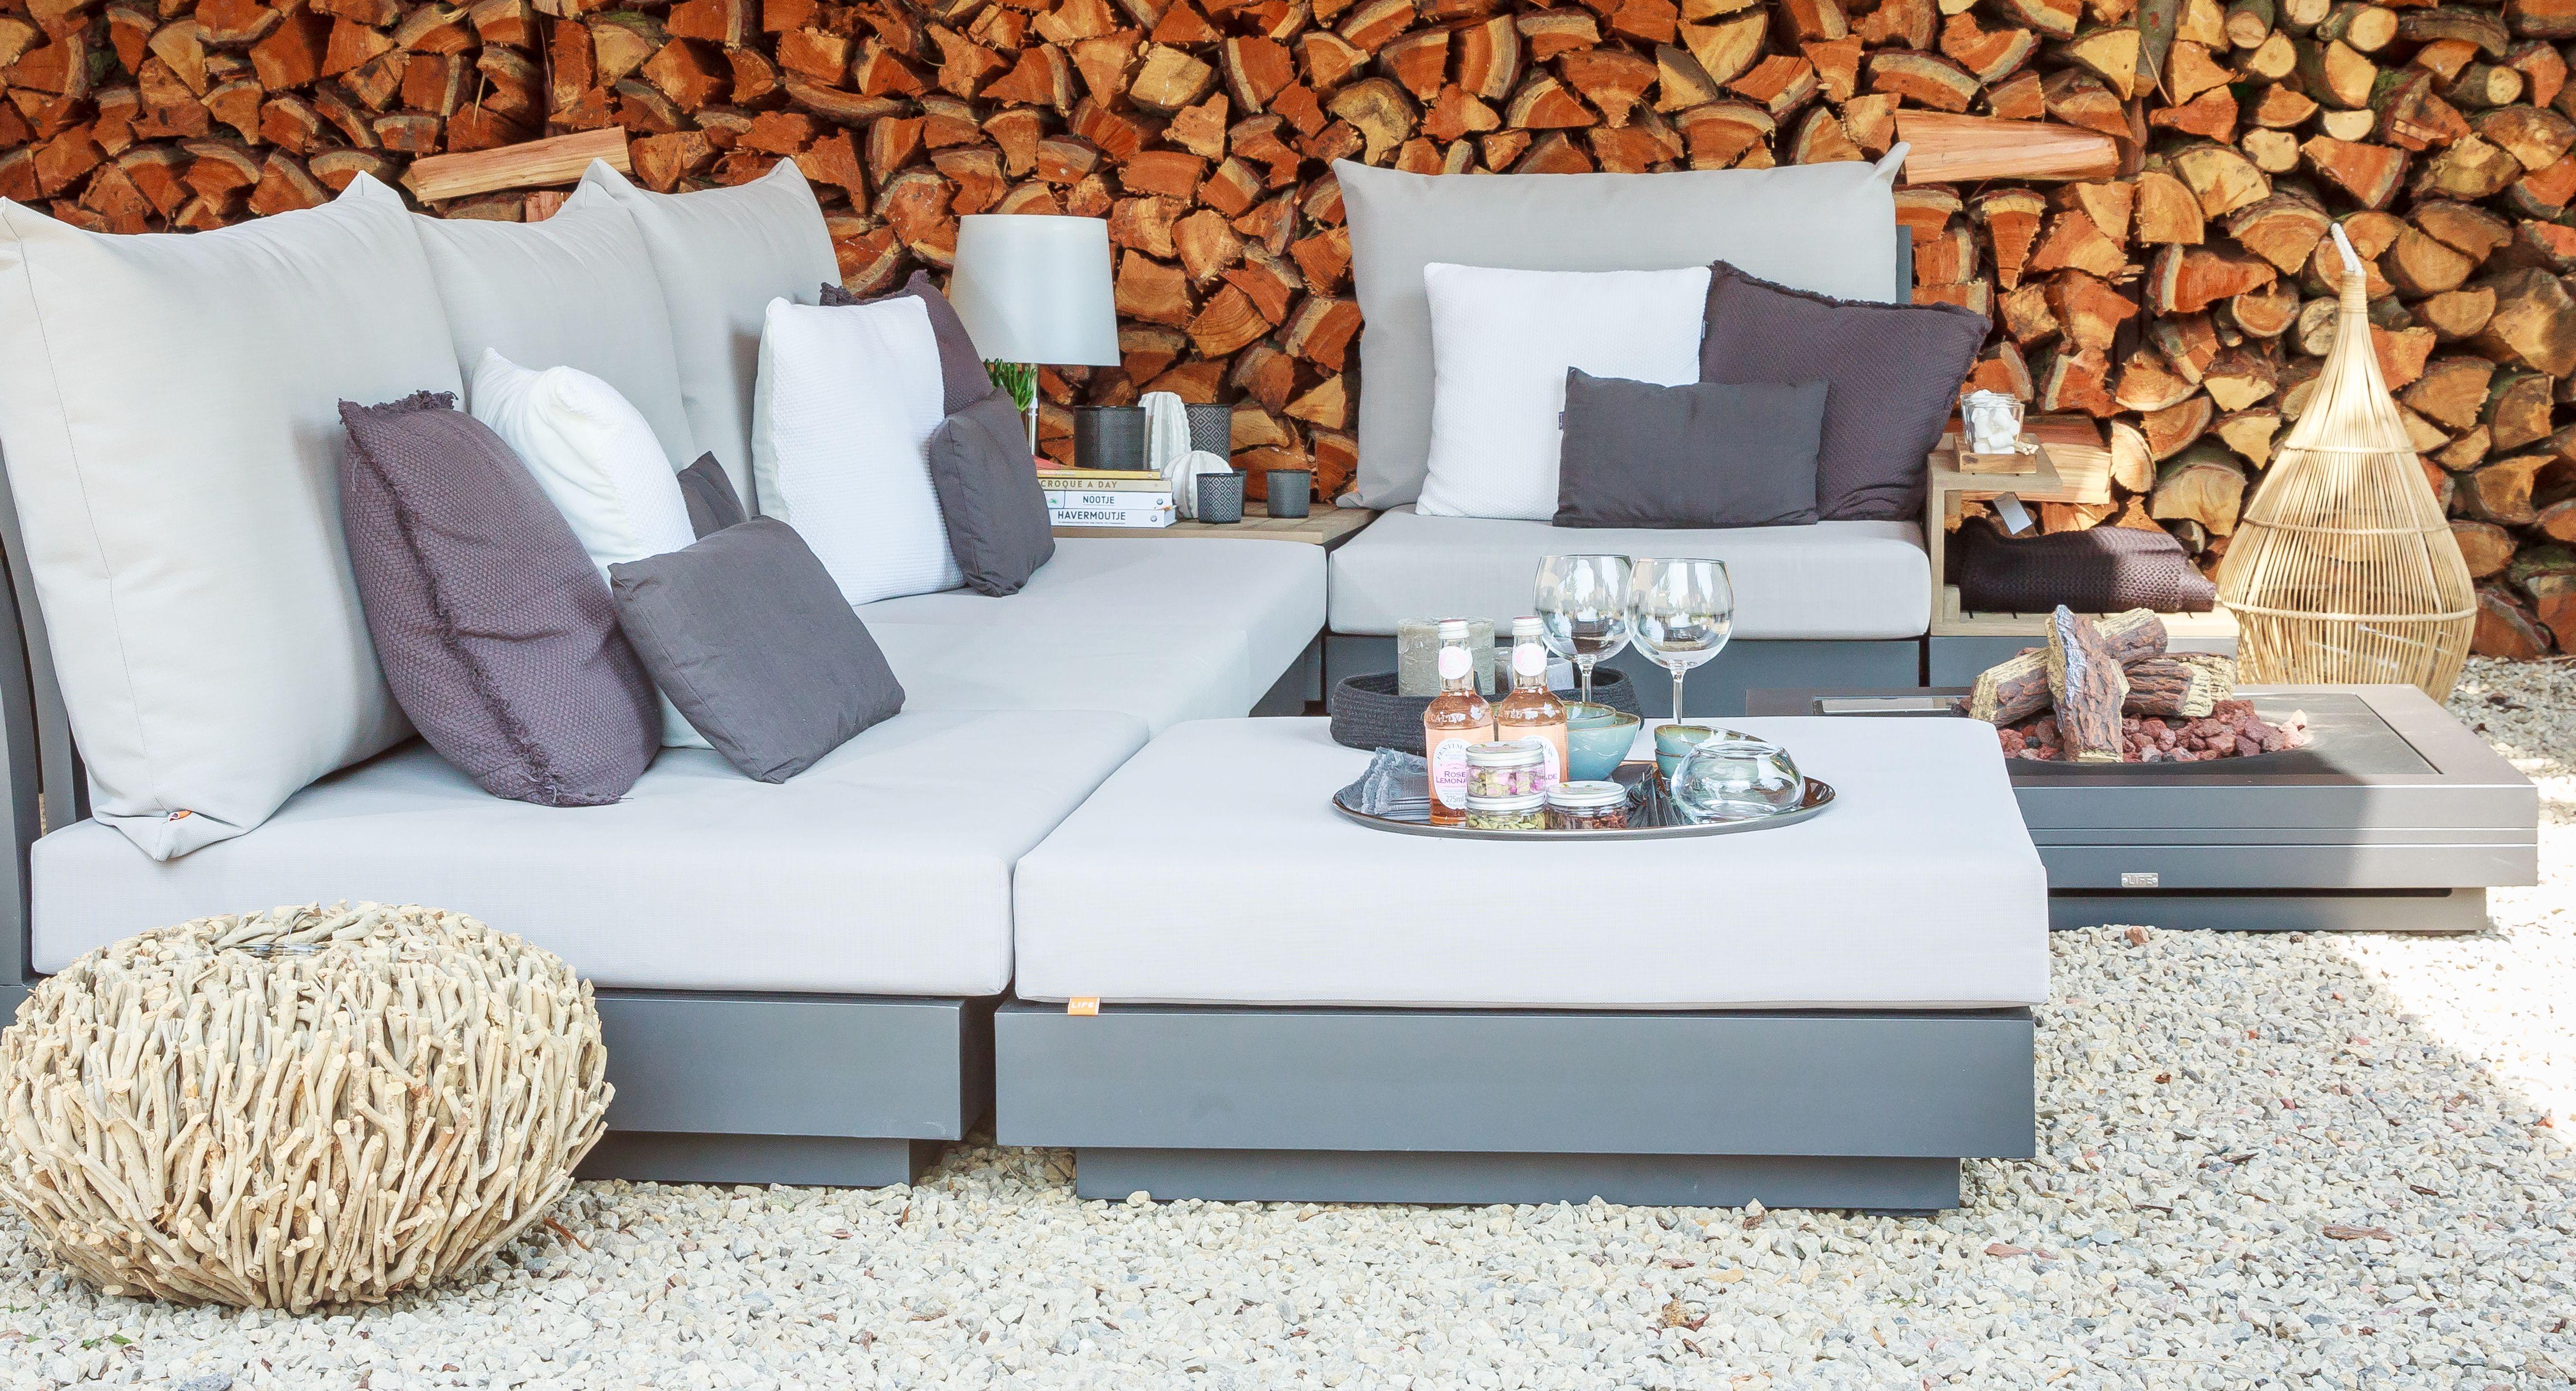 All Weather Kussens : All weather kussens a kwaliteit meubels op maat en naar uw wens